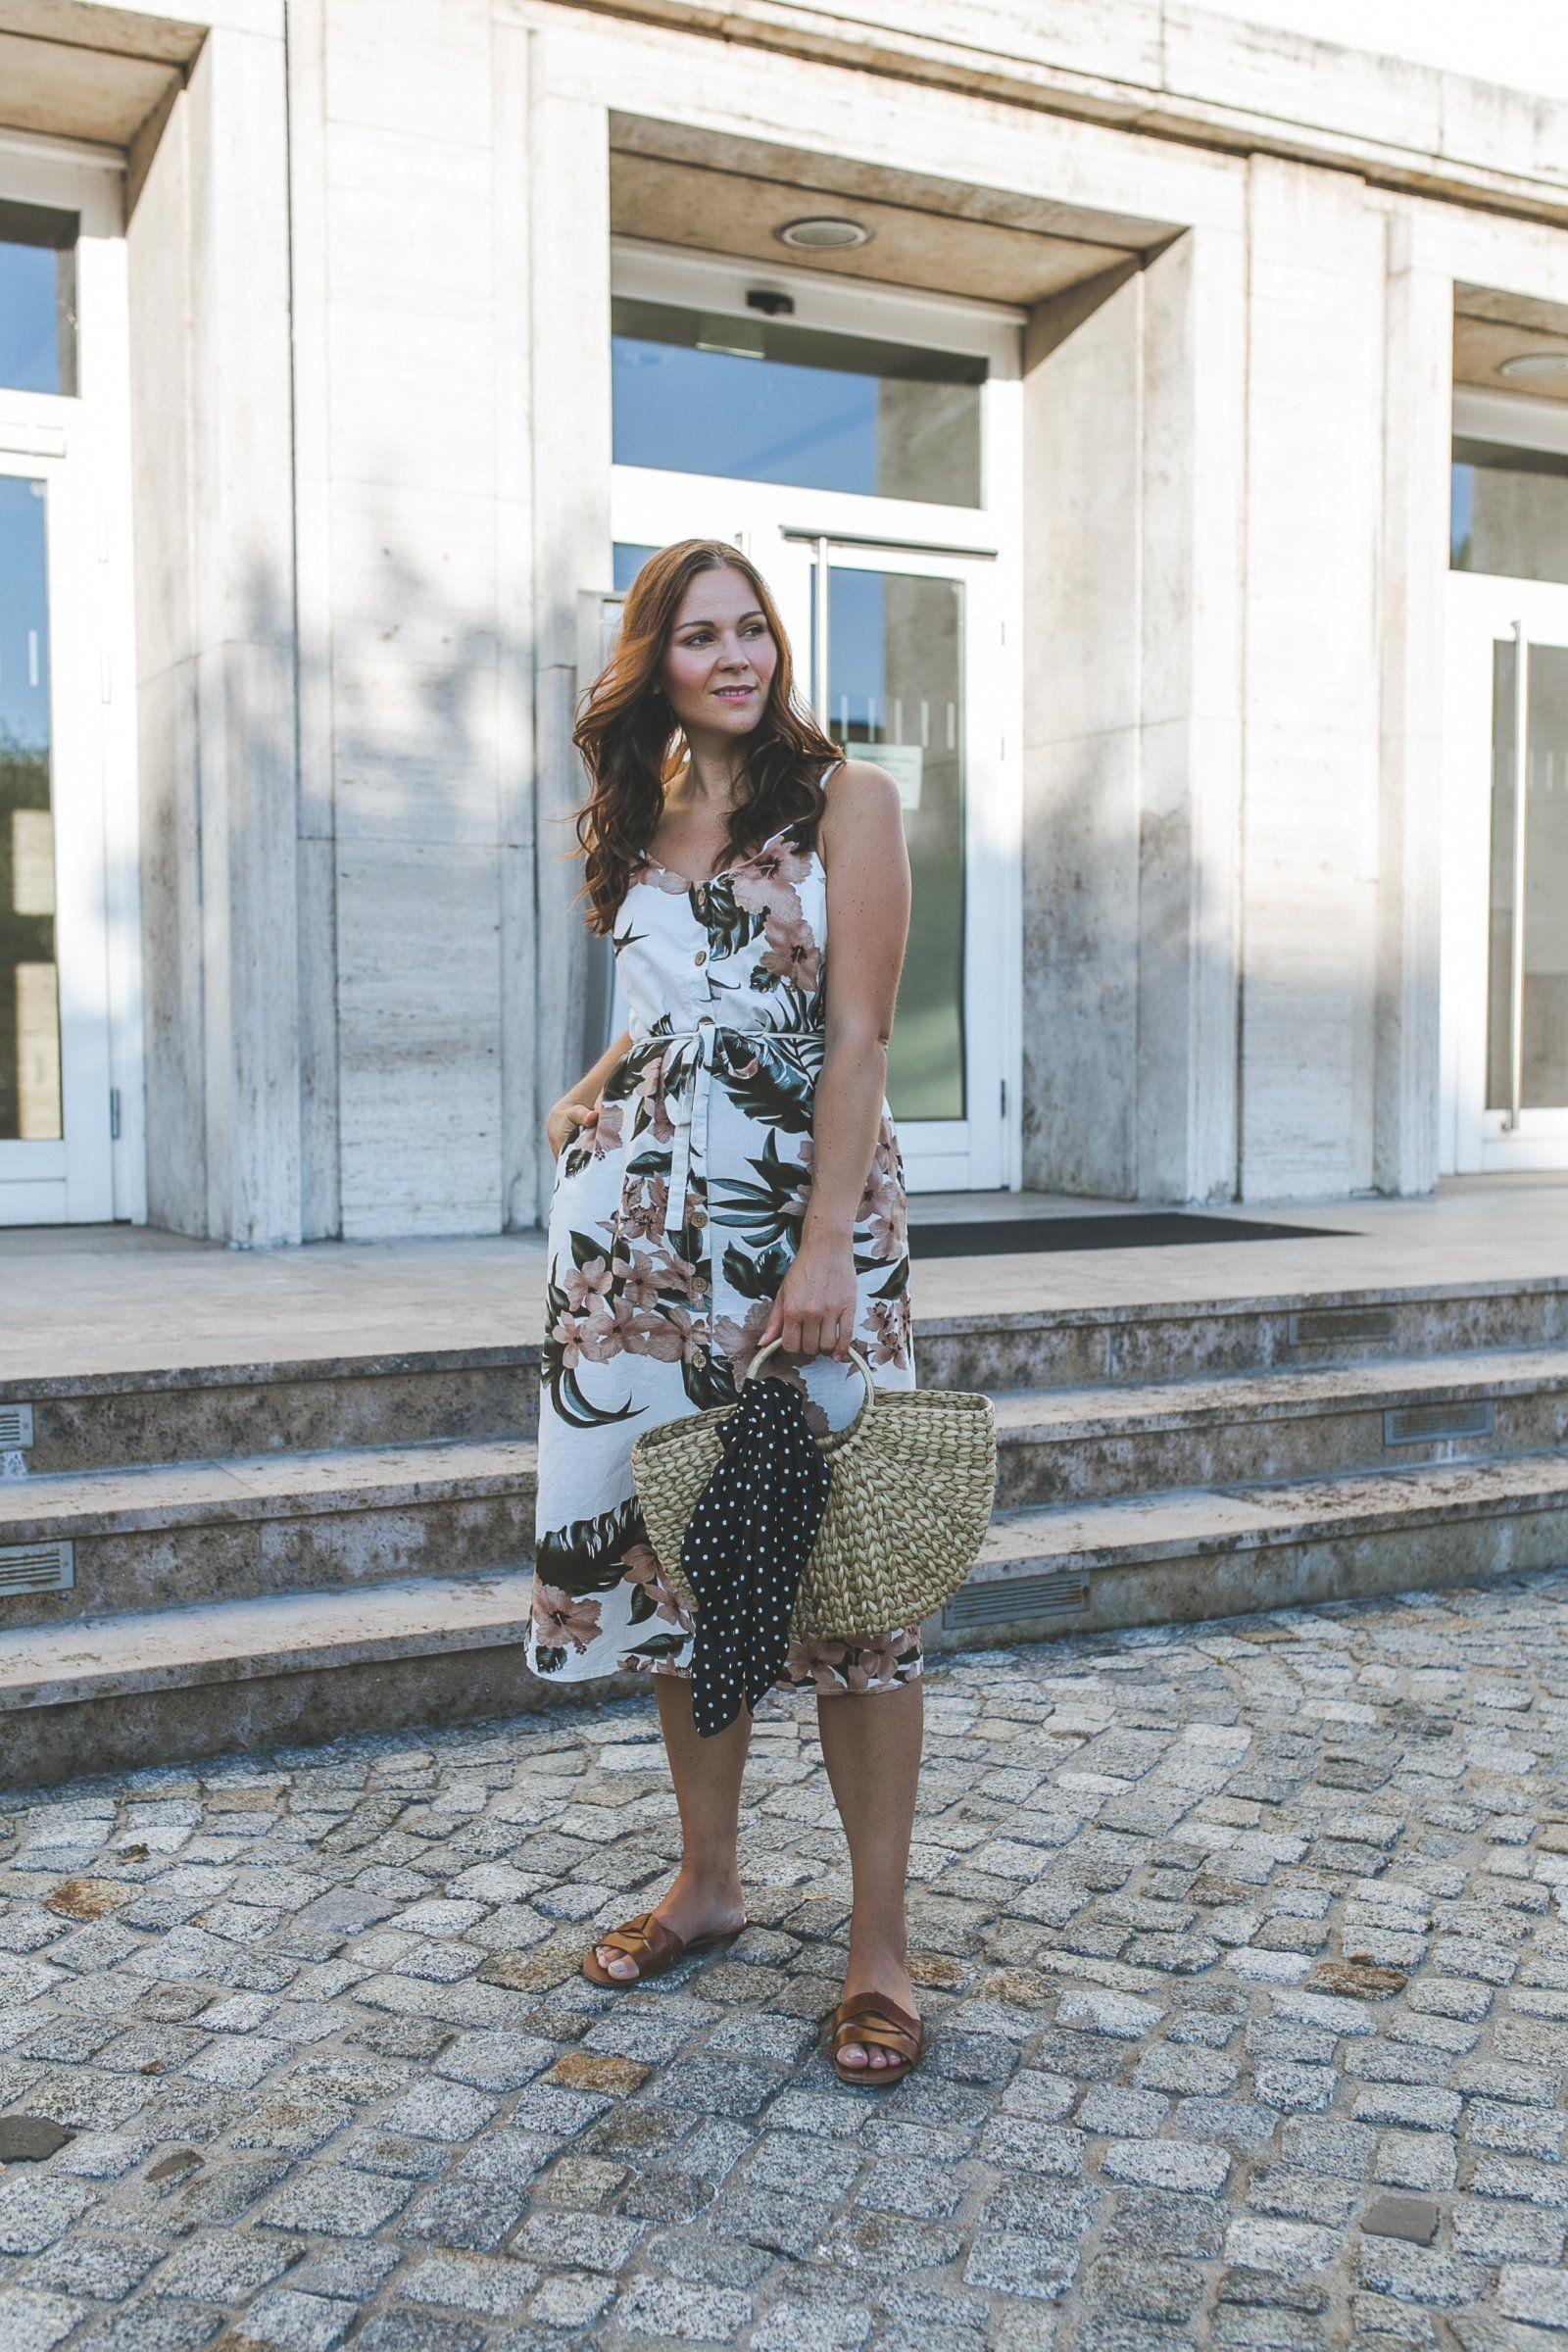 sommer outfit mit blumenkleid, strohtasche und braunen